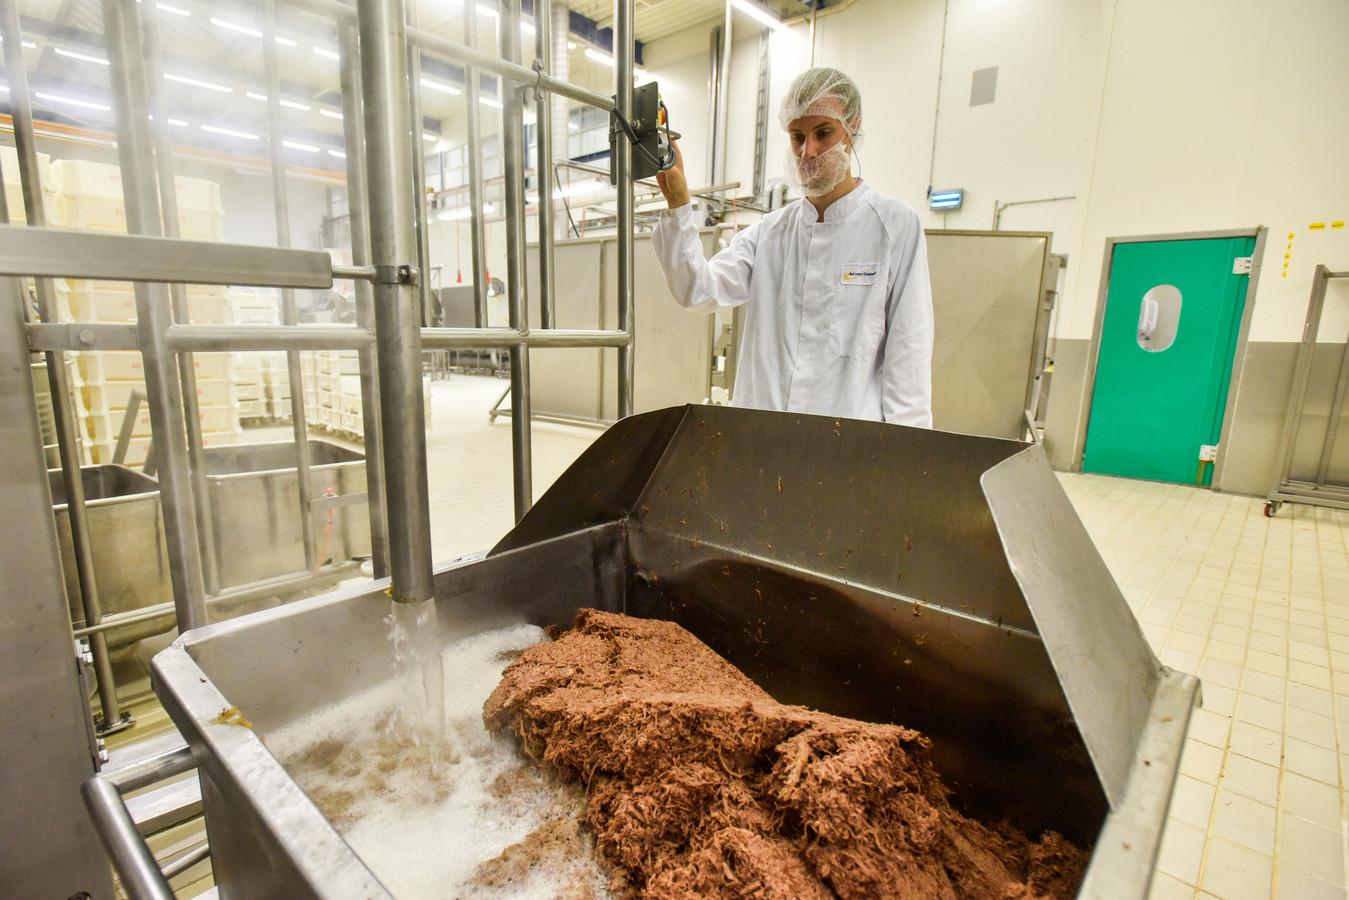 1. Het gegaarde draadjesvlees wordt machinaal getakeld tot bij en in de roux (een mengsel van olie en bloem). Die is gemengd met gloeiendhete van het vlees getrokken bouillon.